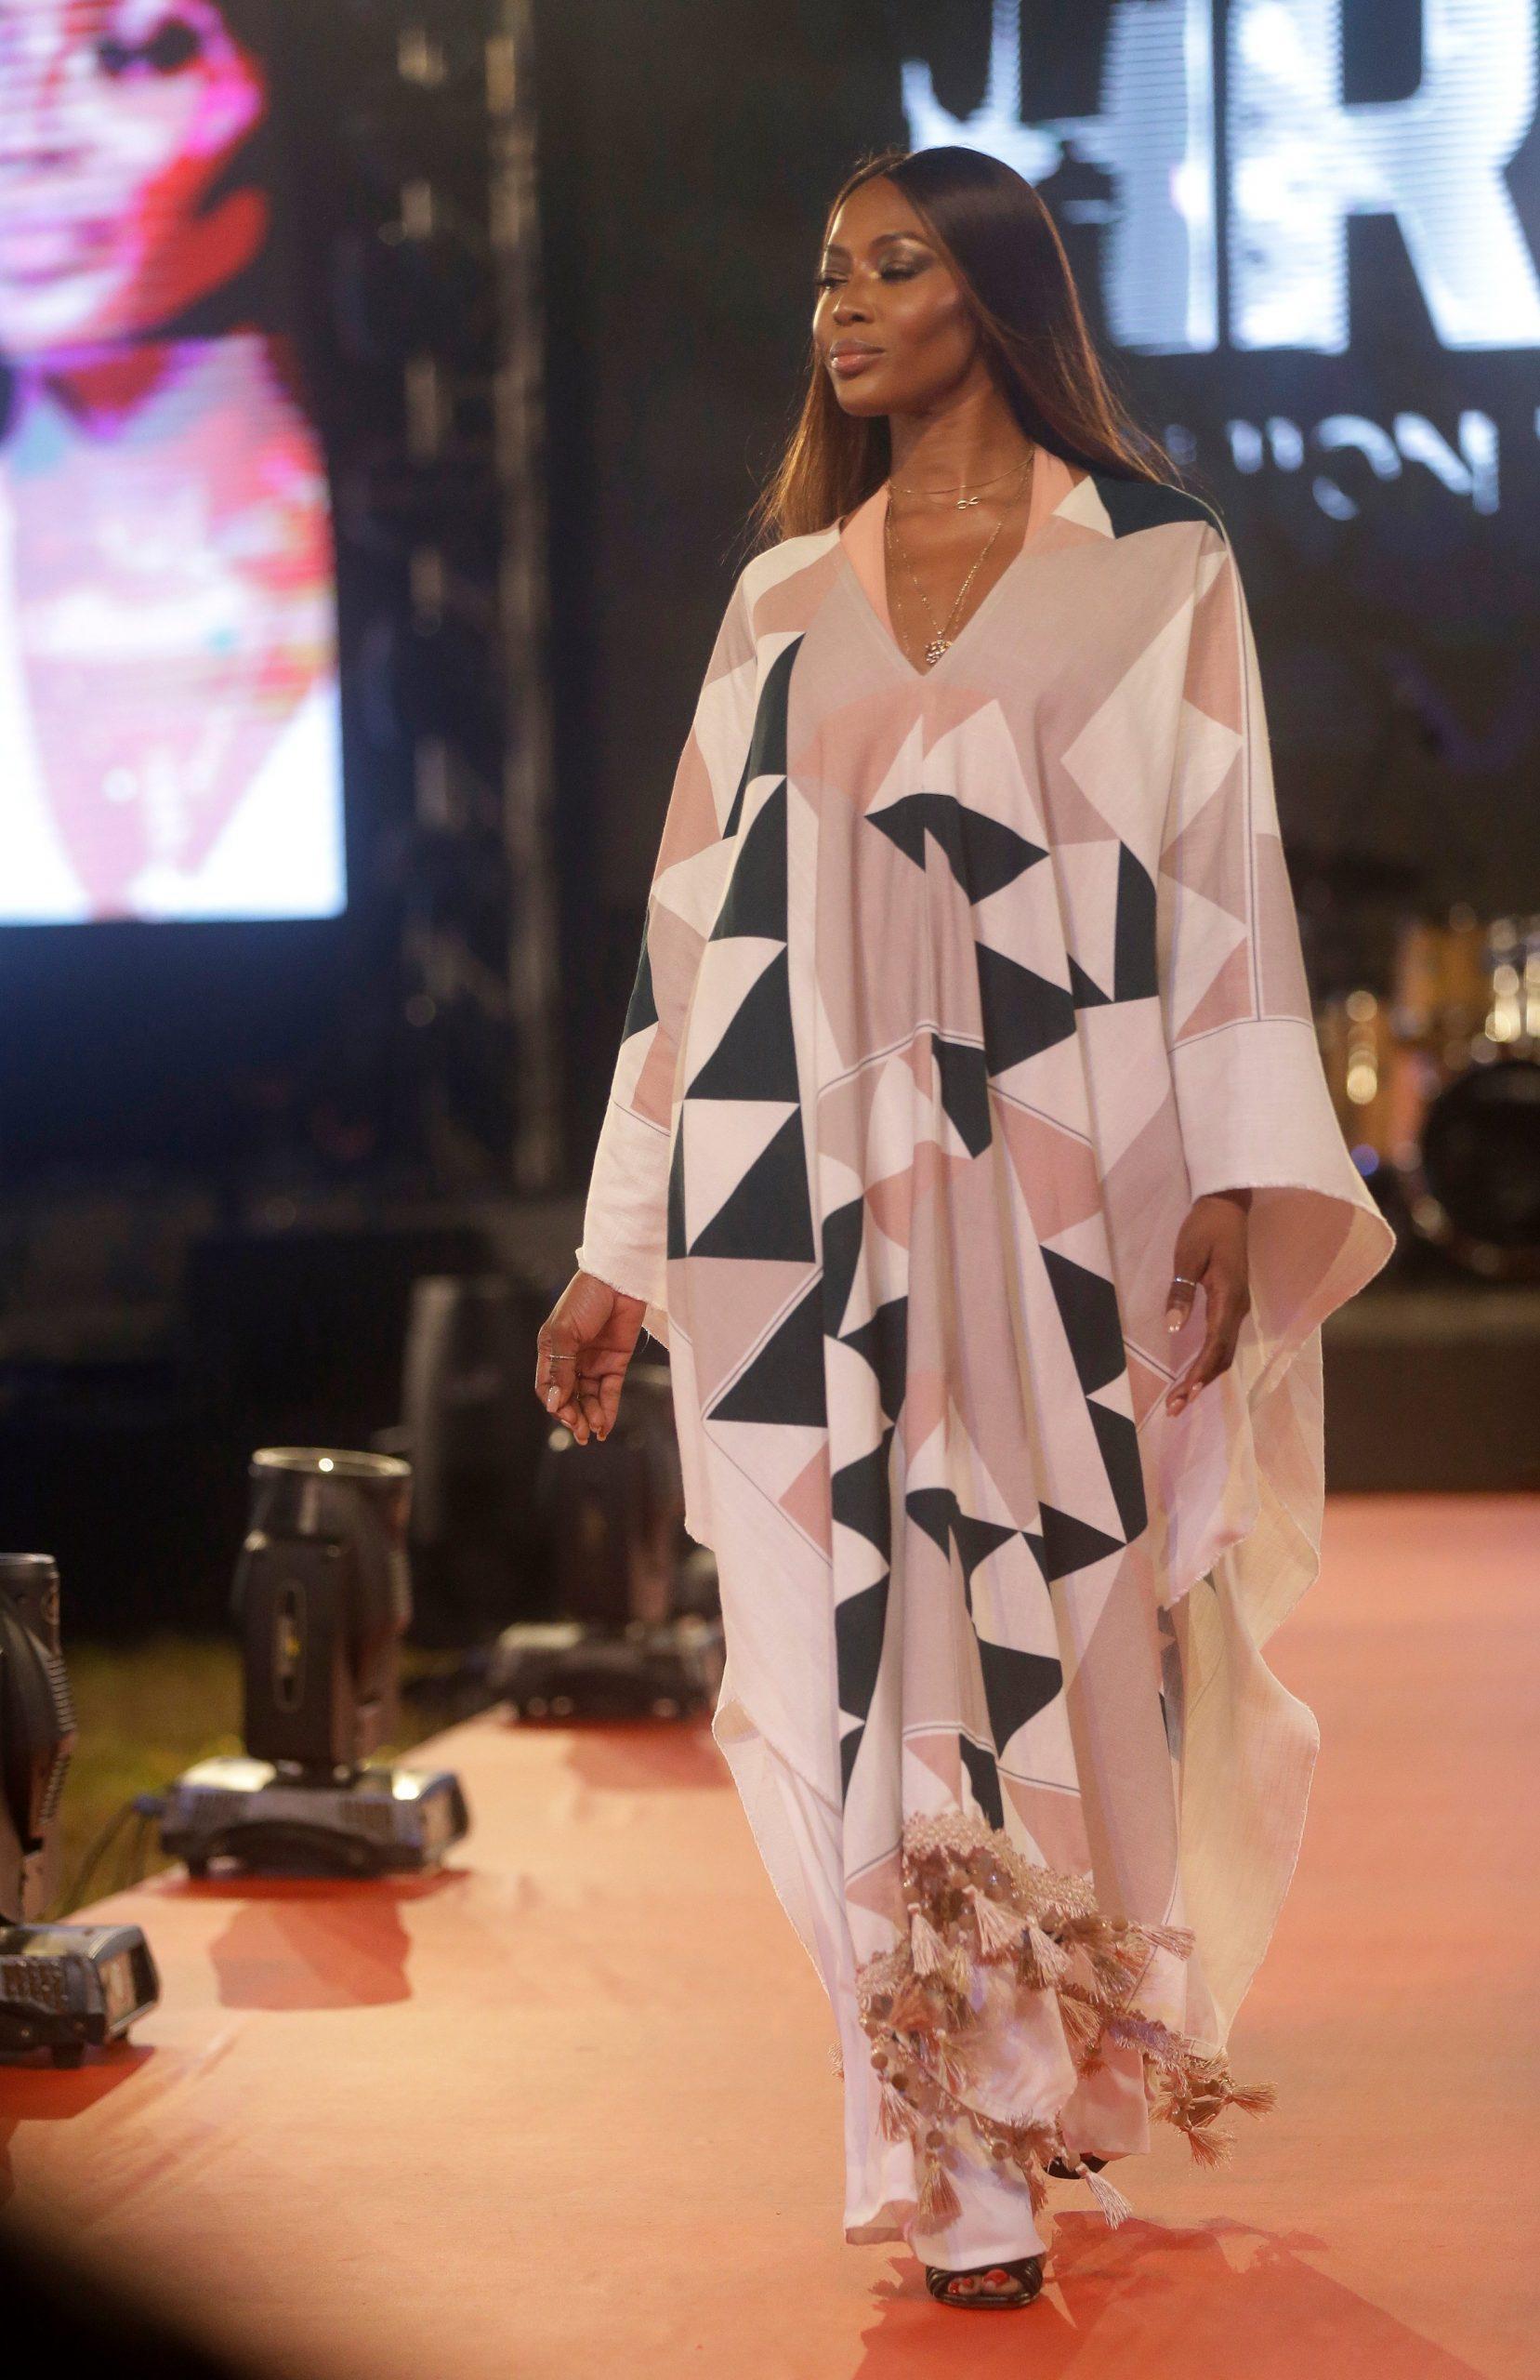 ٢٠٢٠١٢١٤ ١٧٠٩٢٩ scaled - ناعومي كامبل تشارك في عرض أزياء بنيجيريا للترويج للأزياء الأفريقية.      #العبدلي_نيوز